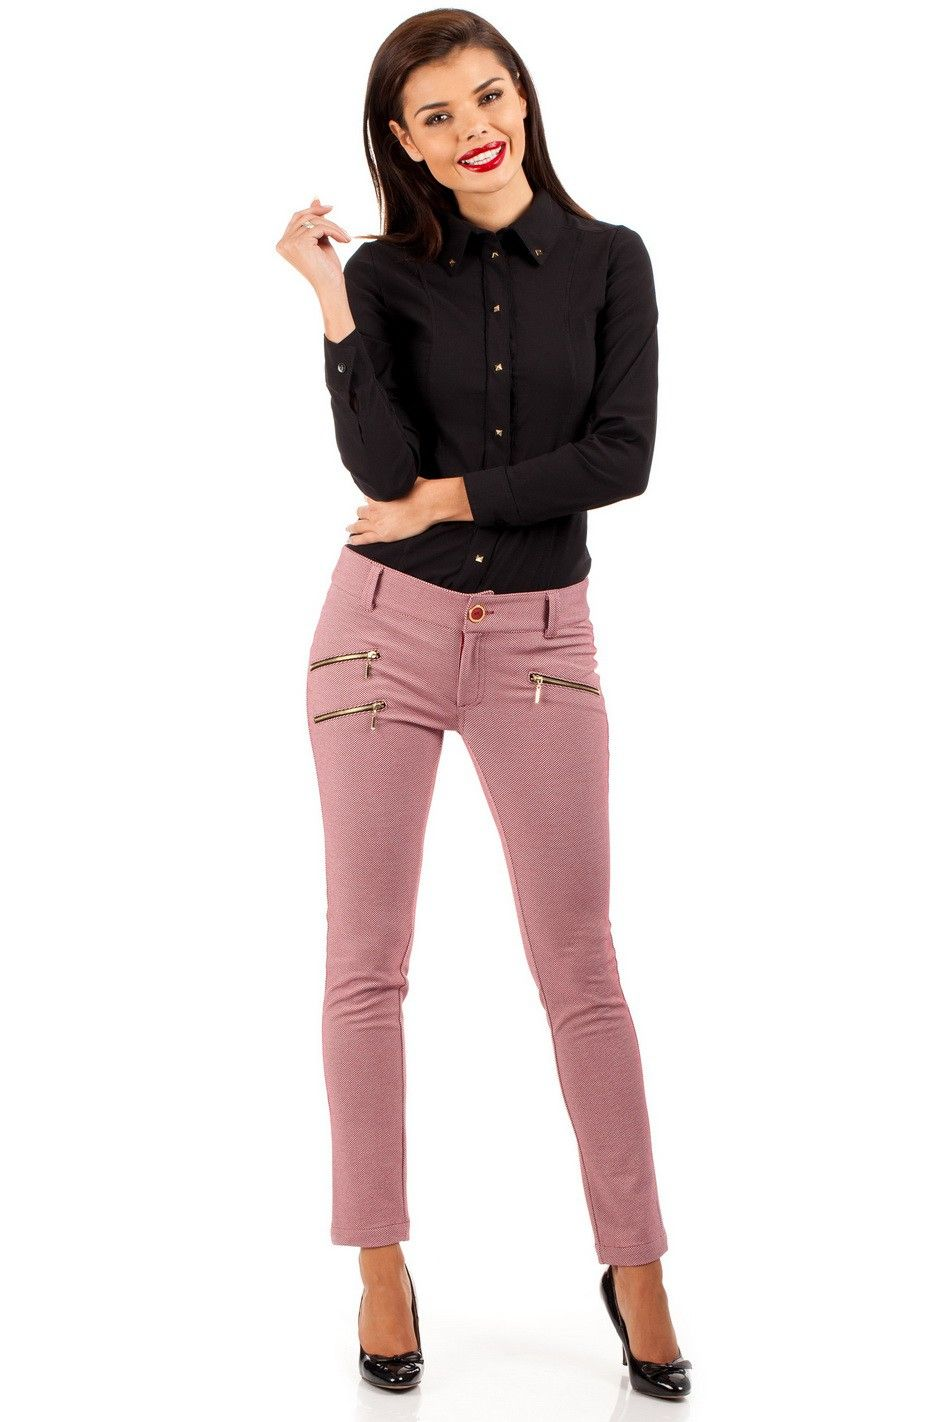 Nohavice MOE 046 ružová - Nohavice - Oblečenie